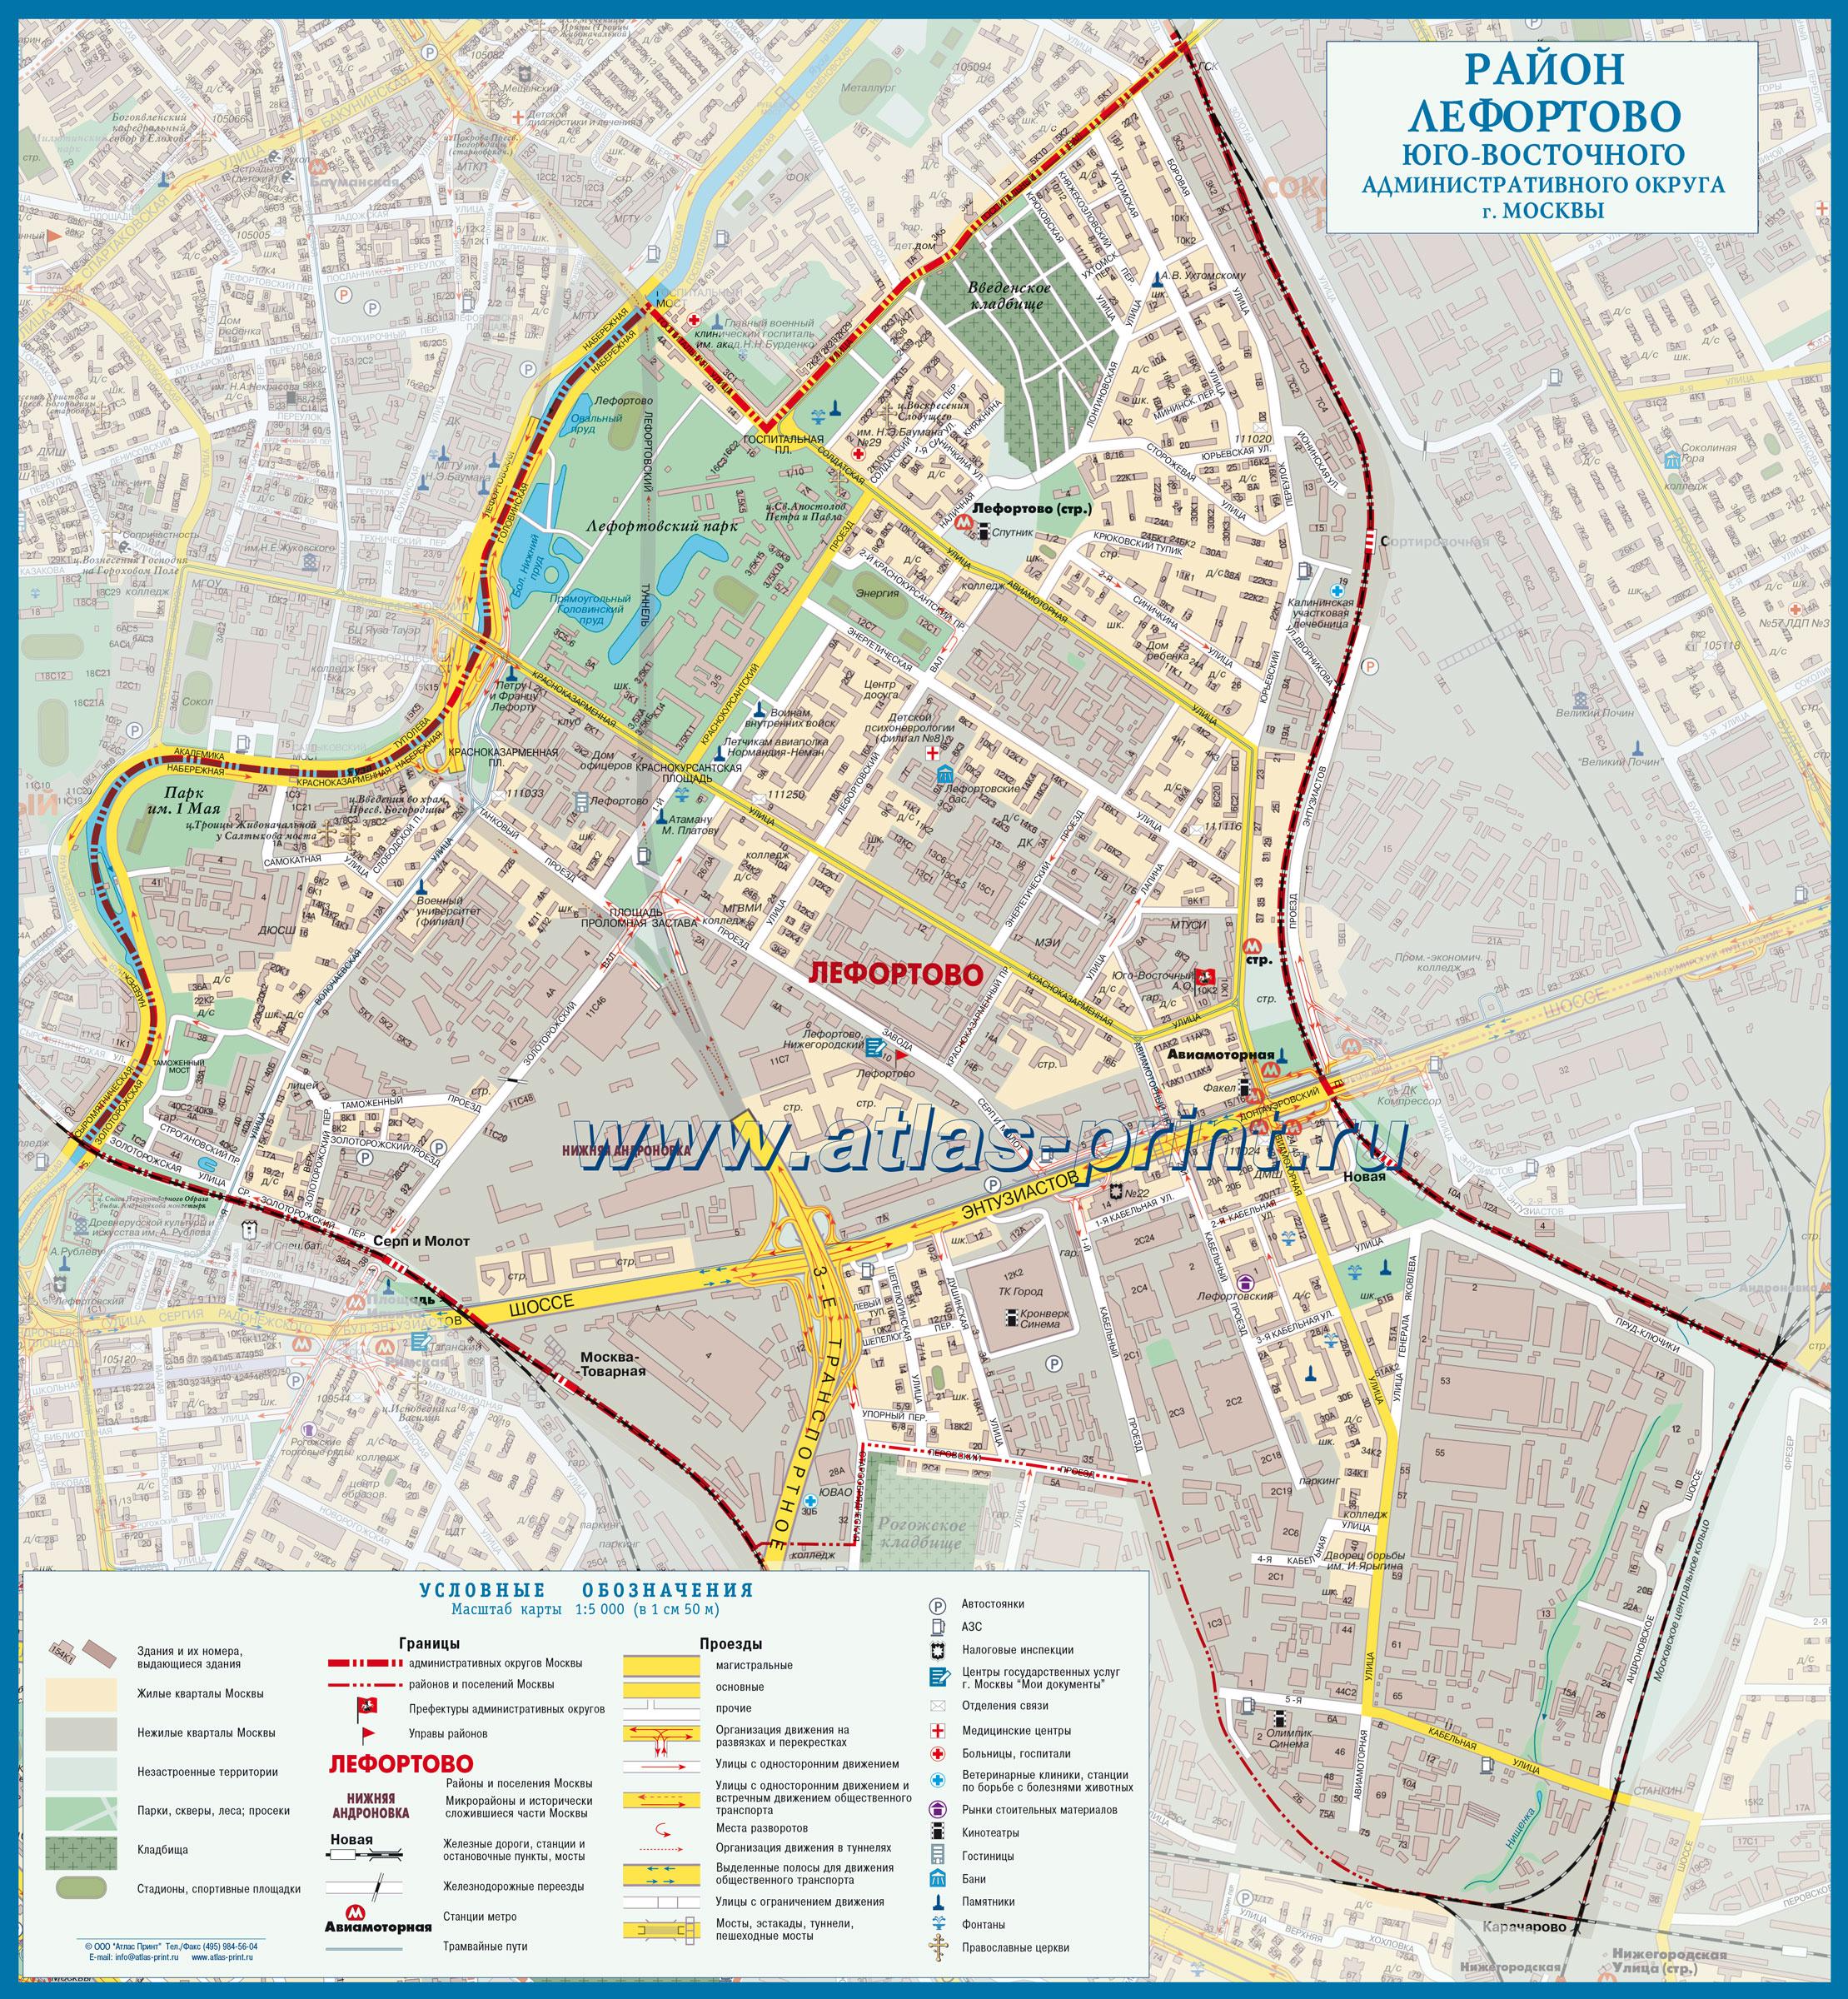 Настенная карта района ЛЕФОРТОВО (ЮВАО) г.Москвы 0,92*1,00 м, ламинированная